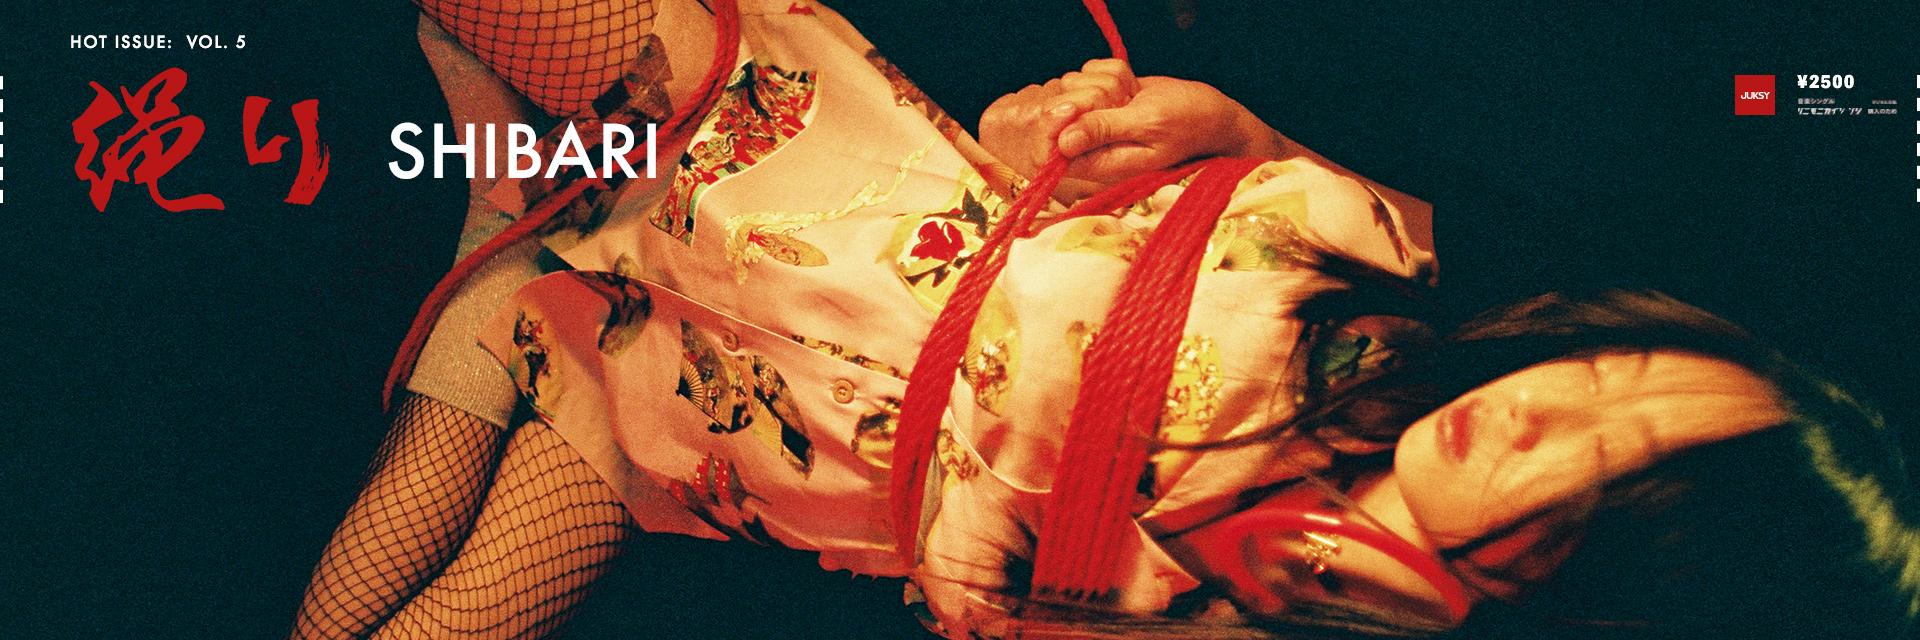 【Hot Issue Vol.5:綑綁我吧!】日本情色文化「繩縛」加入大眾流行符號!引起時尚對禁忌的飢渴...